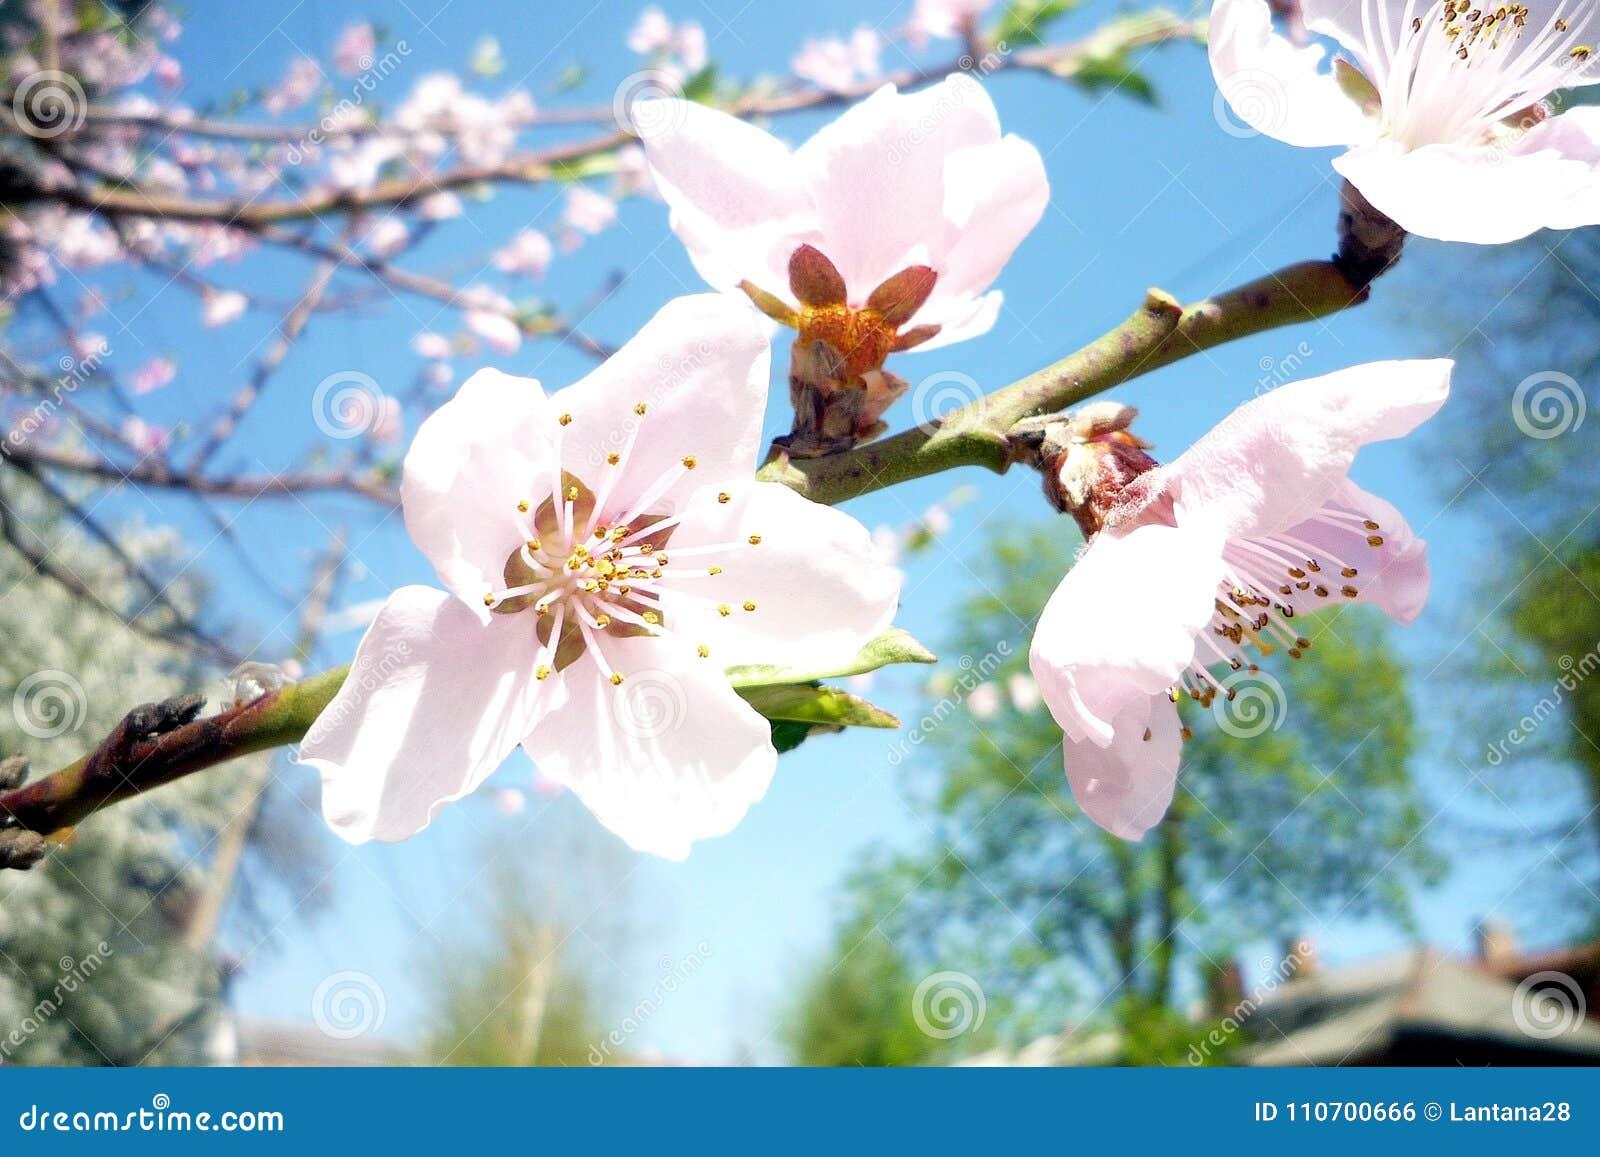 Flor del melocotón en primavera en un día soleado